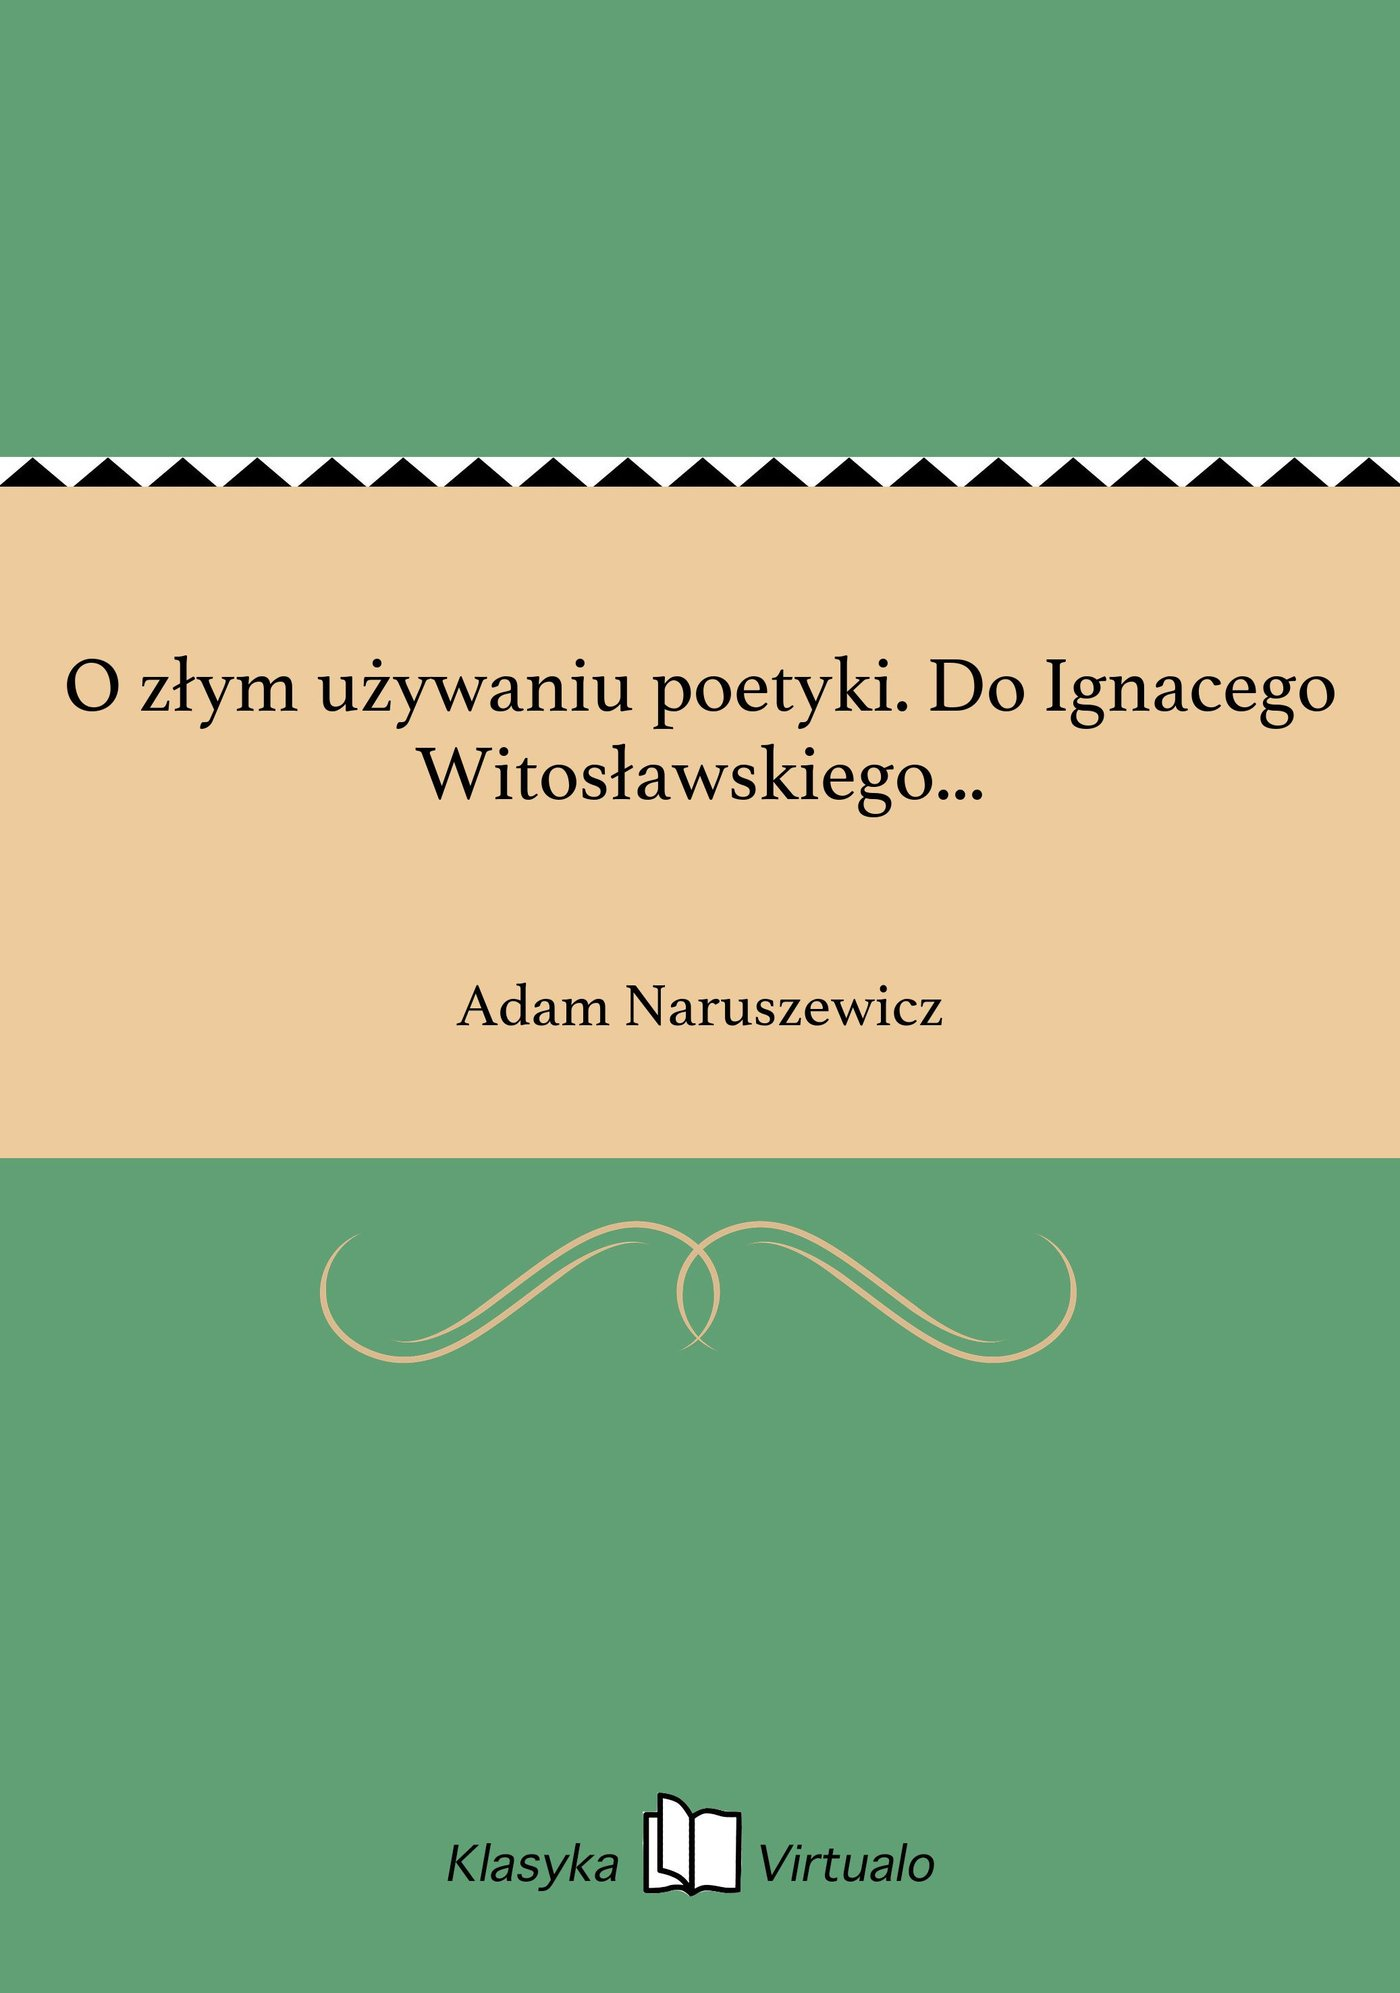 O złym używaniu poetyki. Do Ignacego Witosławskiego... - Ebook (Książka EPUB) do pobrania w formacie EPUB